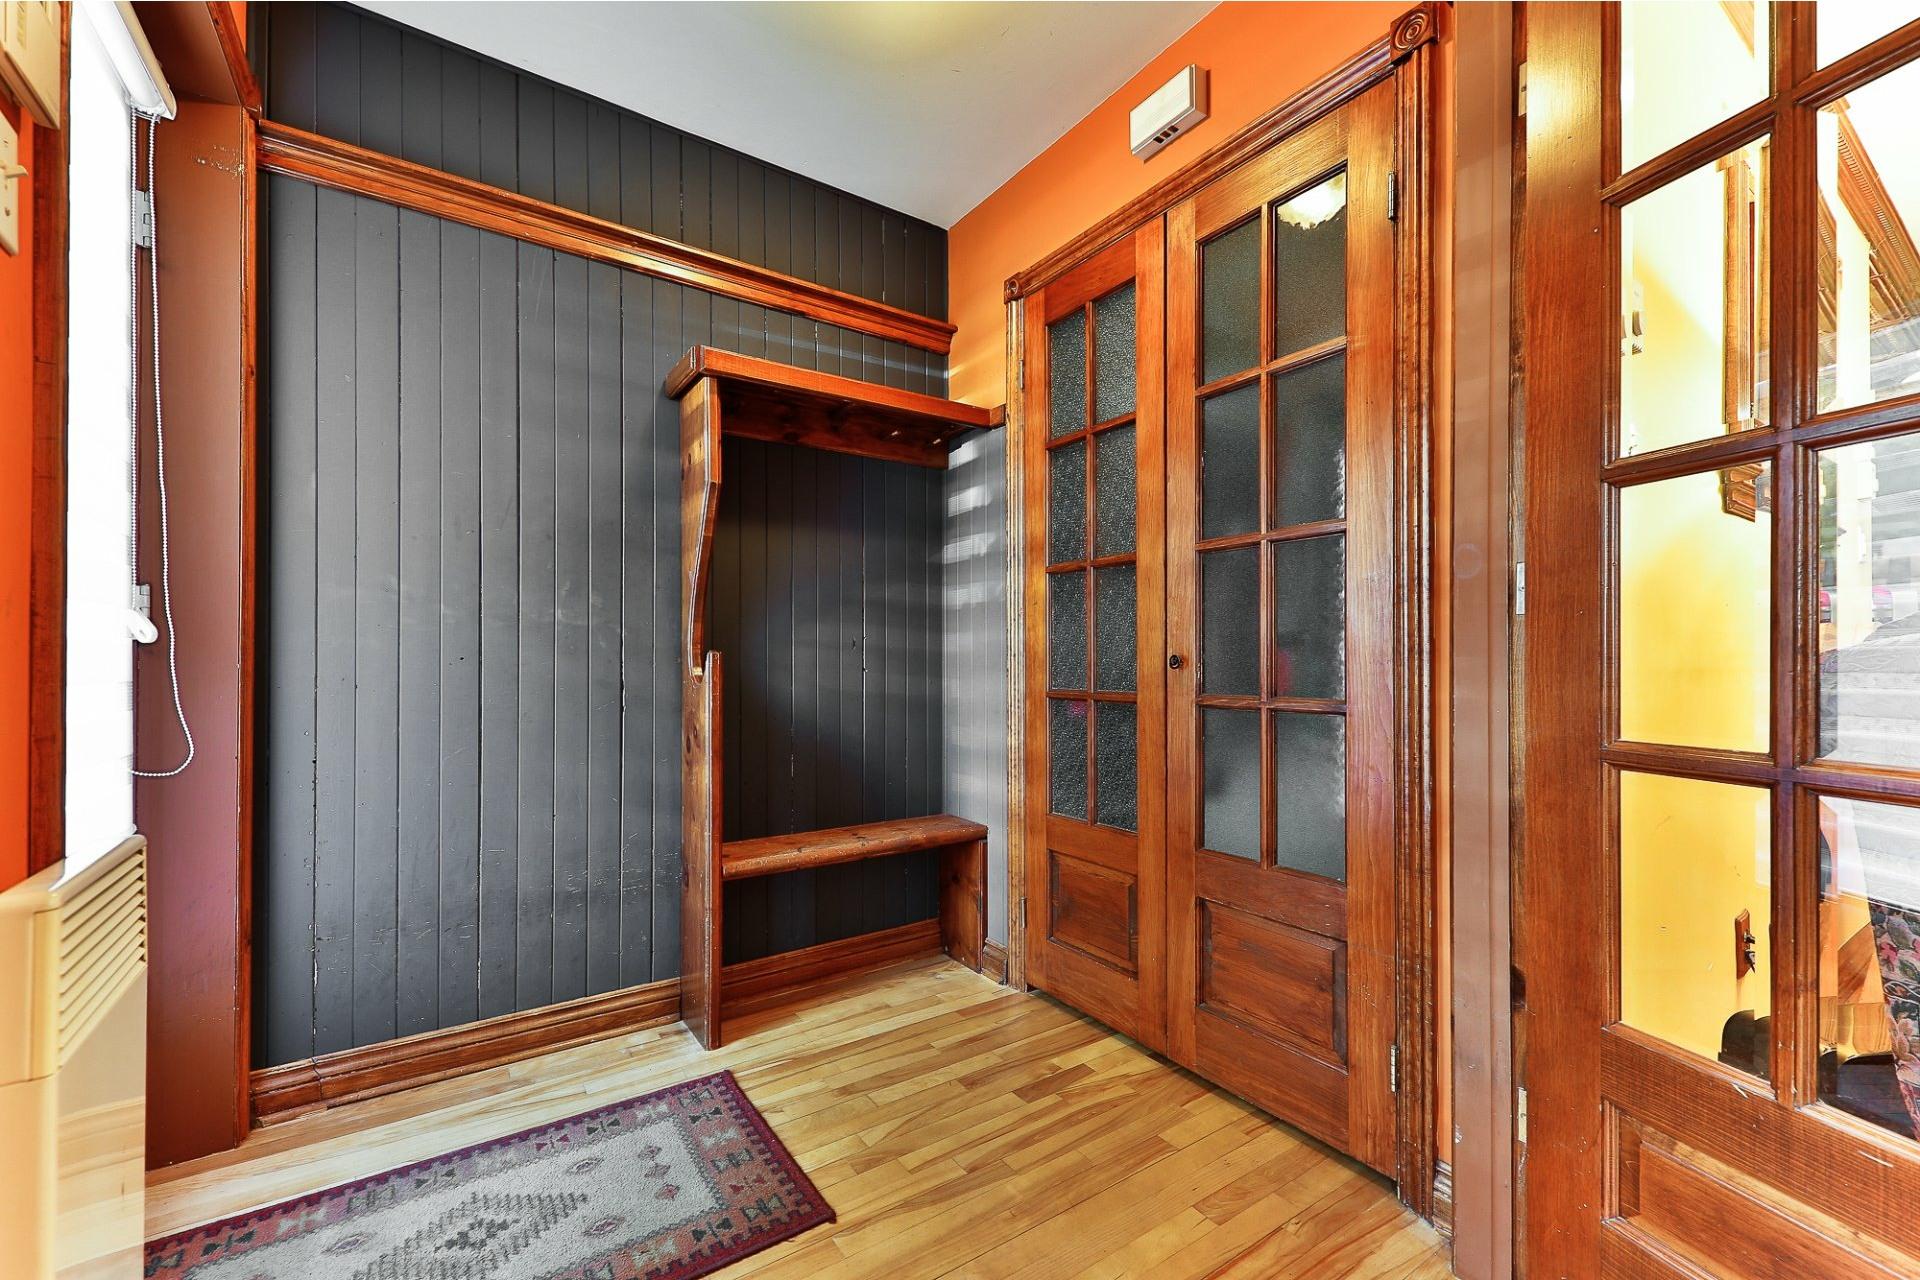 image 7 - Apartment For sale Villeray/Saint-Michel/Parc-Extension Montréal  - 6 rooms